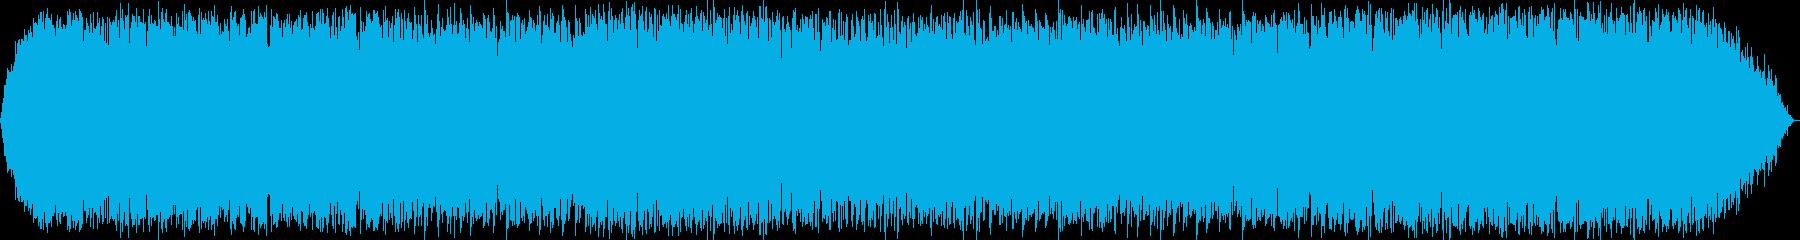 ゆったりとした笛のヒーリング音楽の再生済みの波形